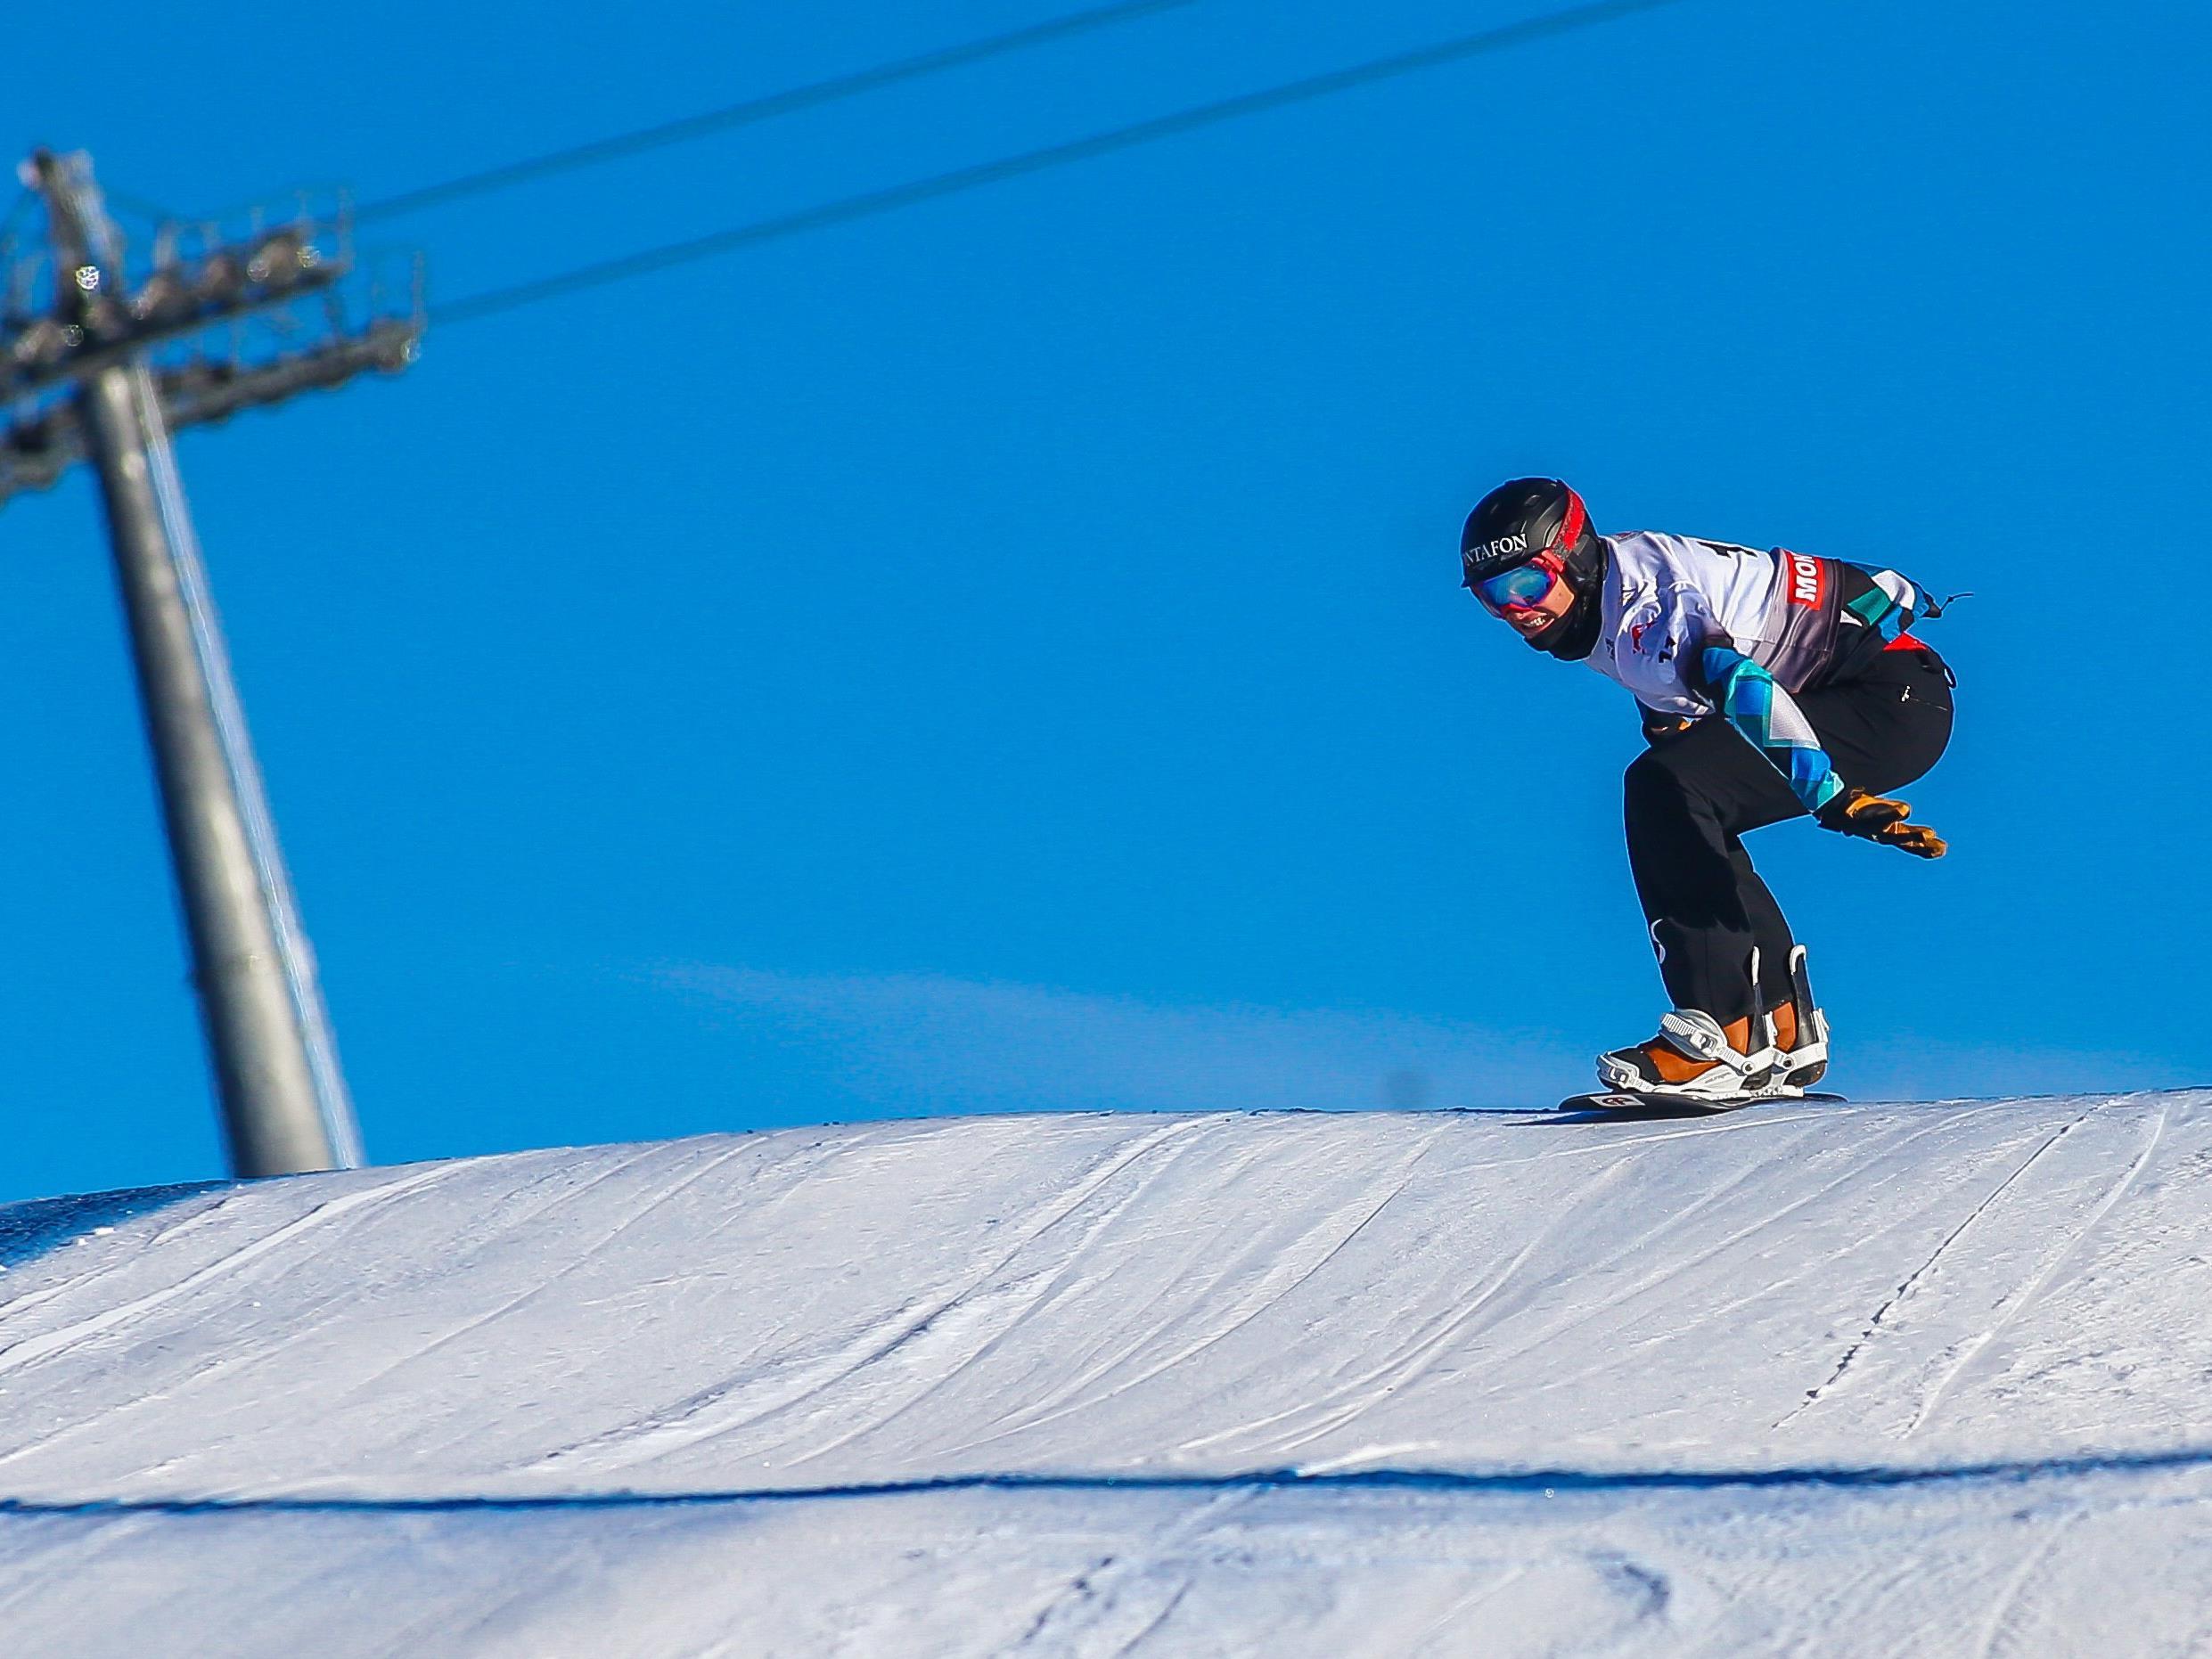 Der Vorarlberger Alessandro Hämmerle musste sich mit Platz 26 im Snowboardcross zufrieden geben.